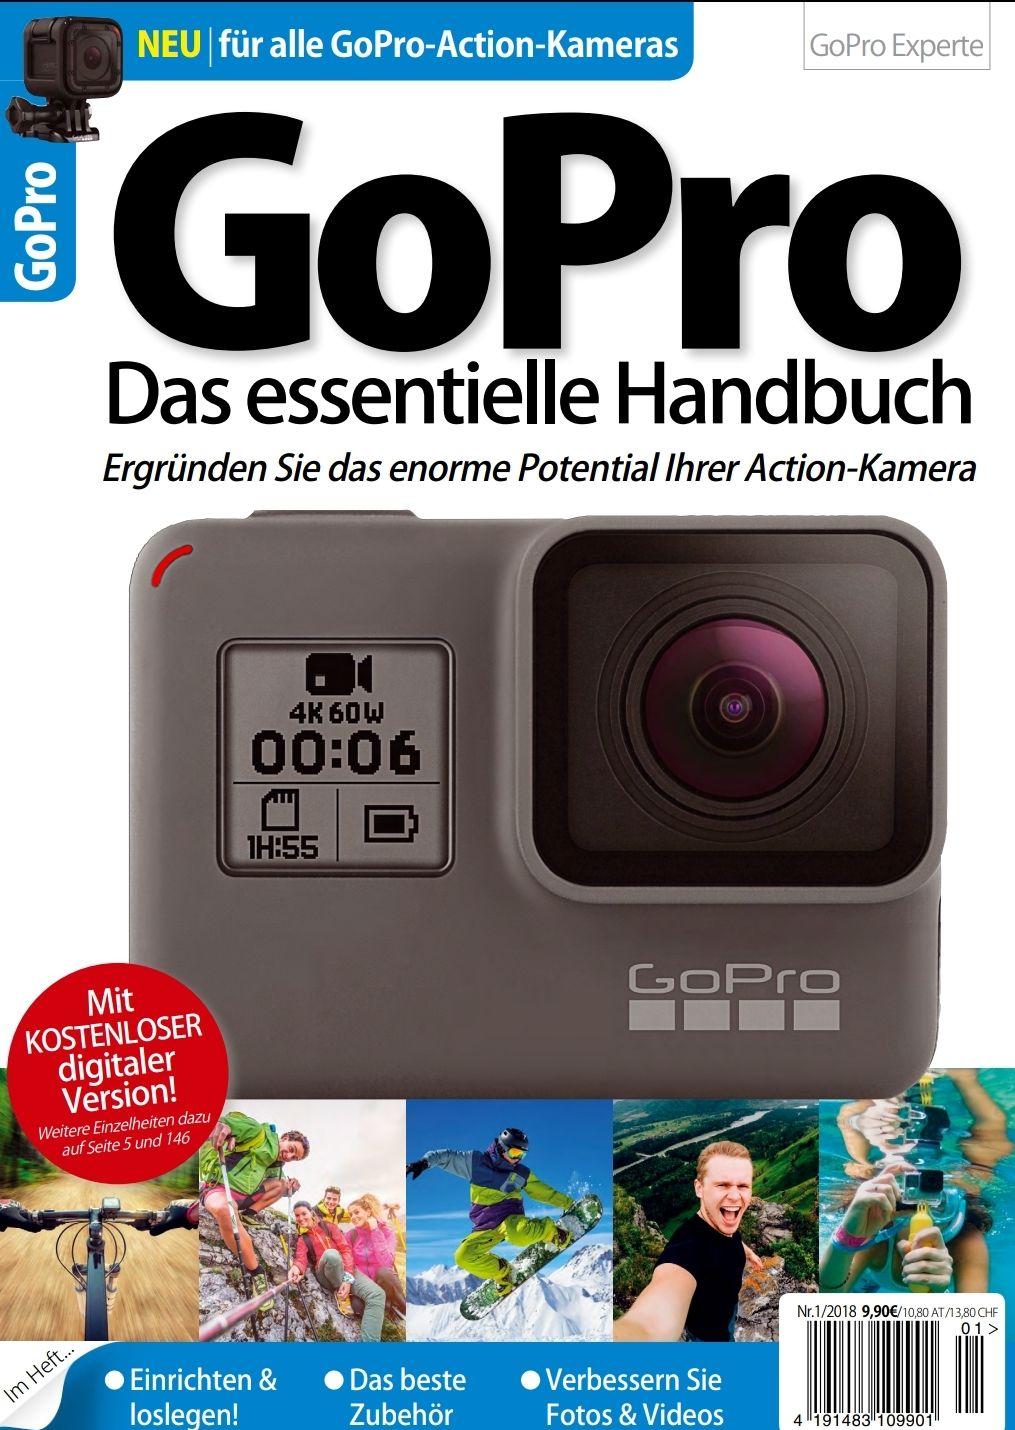 GoPro - Das essentielle Handbuch ebook epaper go-pro go pro